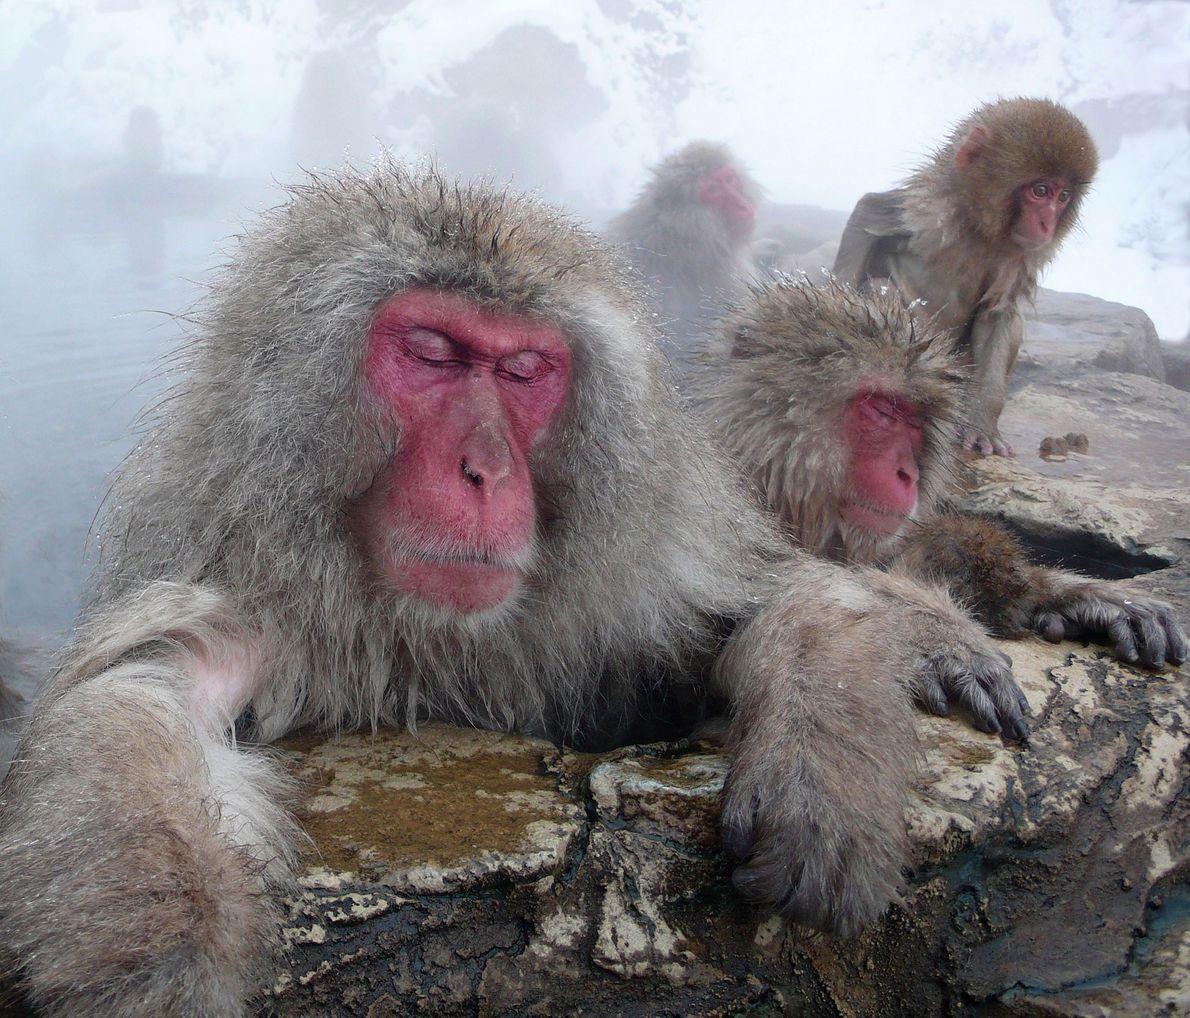 Estos monos japoneses pasan horas en el agua caliente, dormitando mientras los más jóvenes juegan. Yotsuya, ...